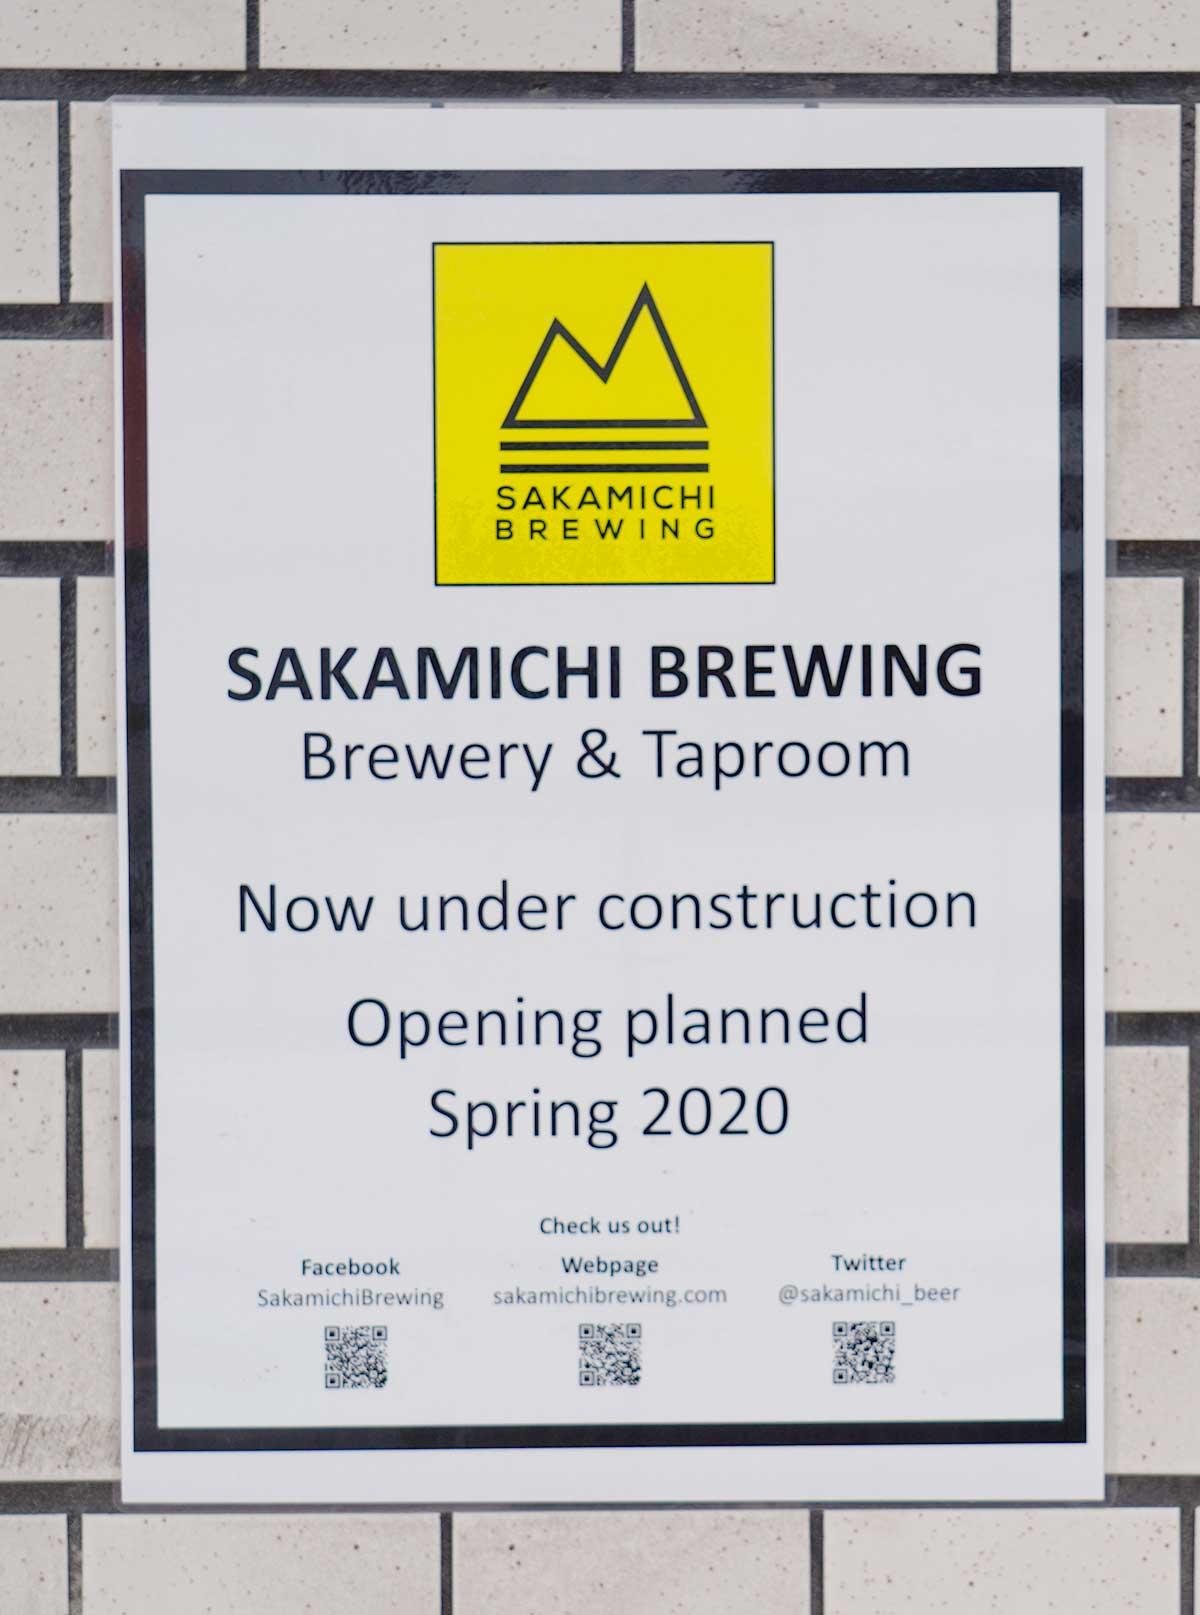 Sakamichi Brewing